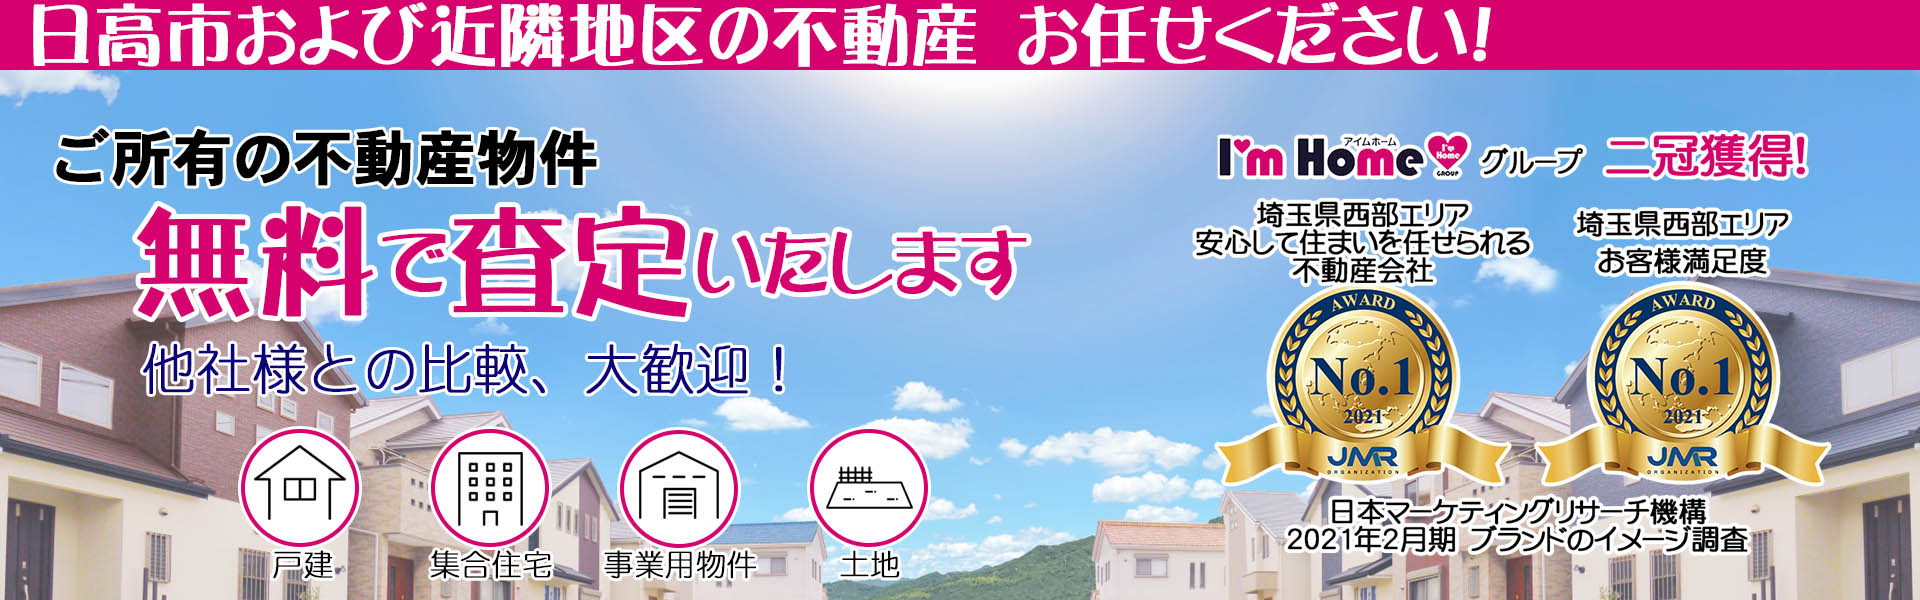 戸建、マンション、土地、アパート 不動産の売却、買取査定はアイムホームグループへ